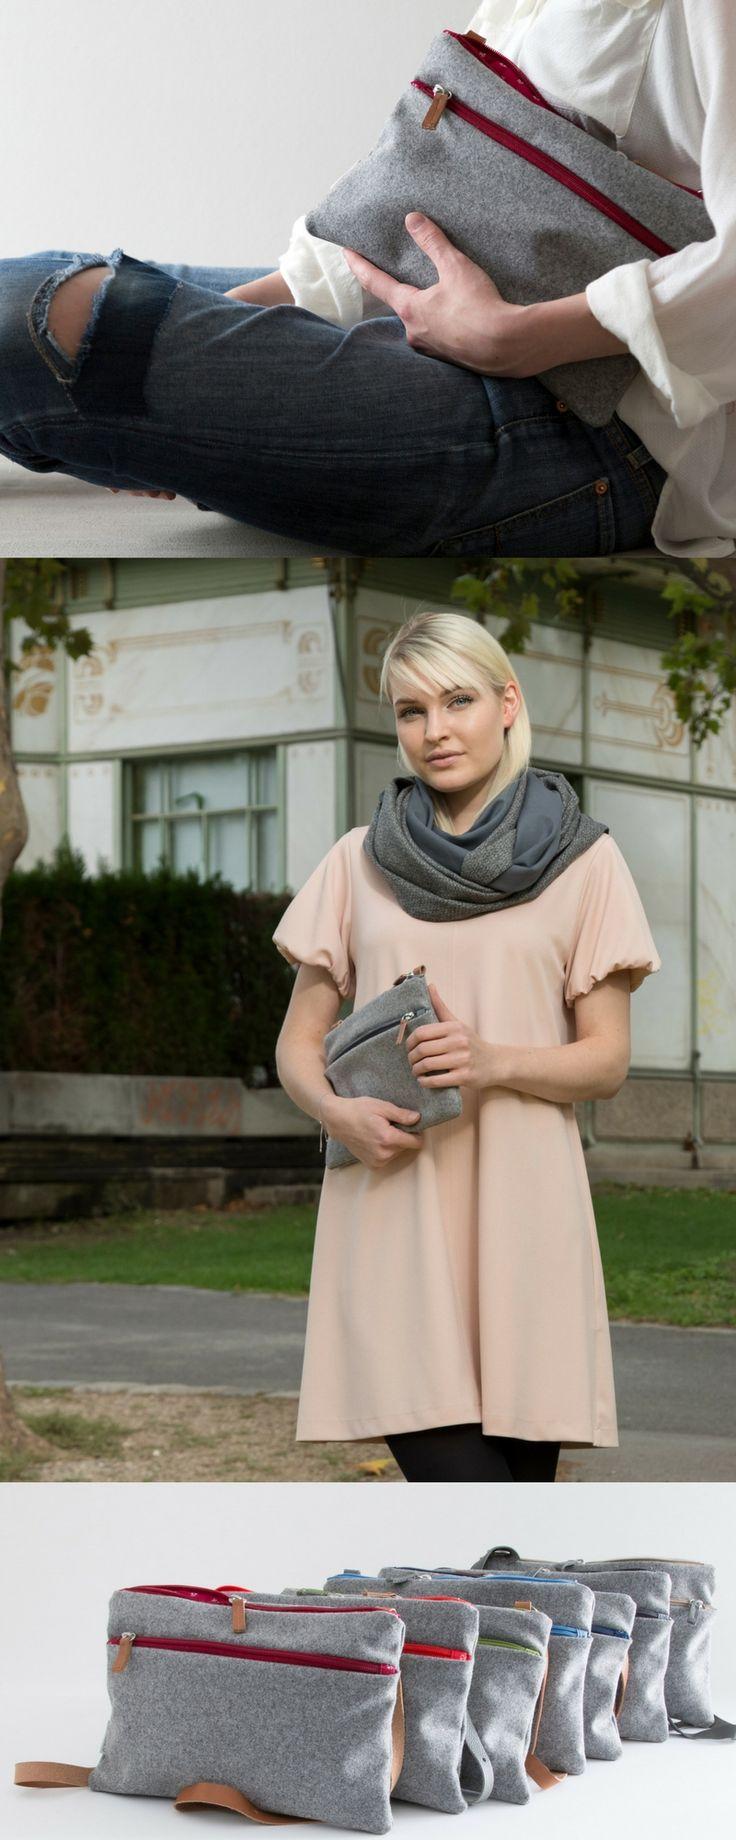 Diese Clutch ist die perfekte kleine Handtasche für alle Situationen: Party, Business,Freizeit und zum Casual-Look. Sie wurde aus weichem Loden in Österreich produziert. 100% Merinowolle.